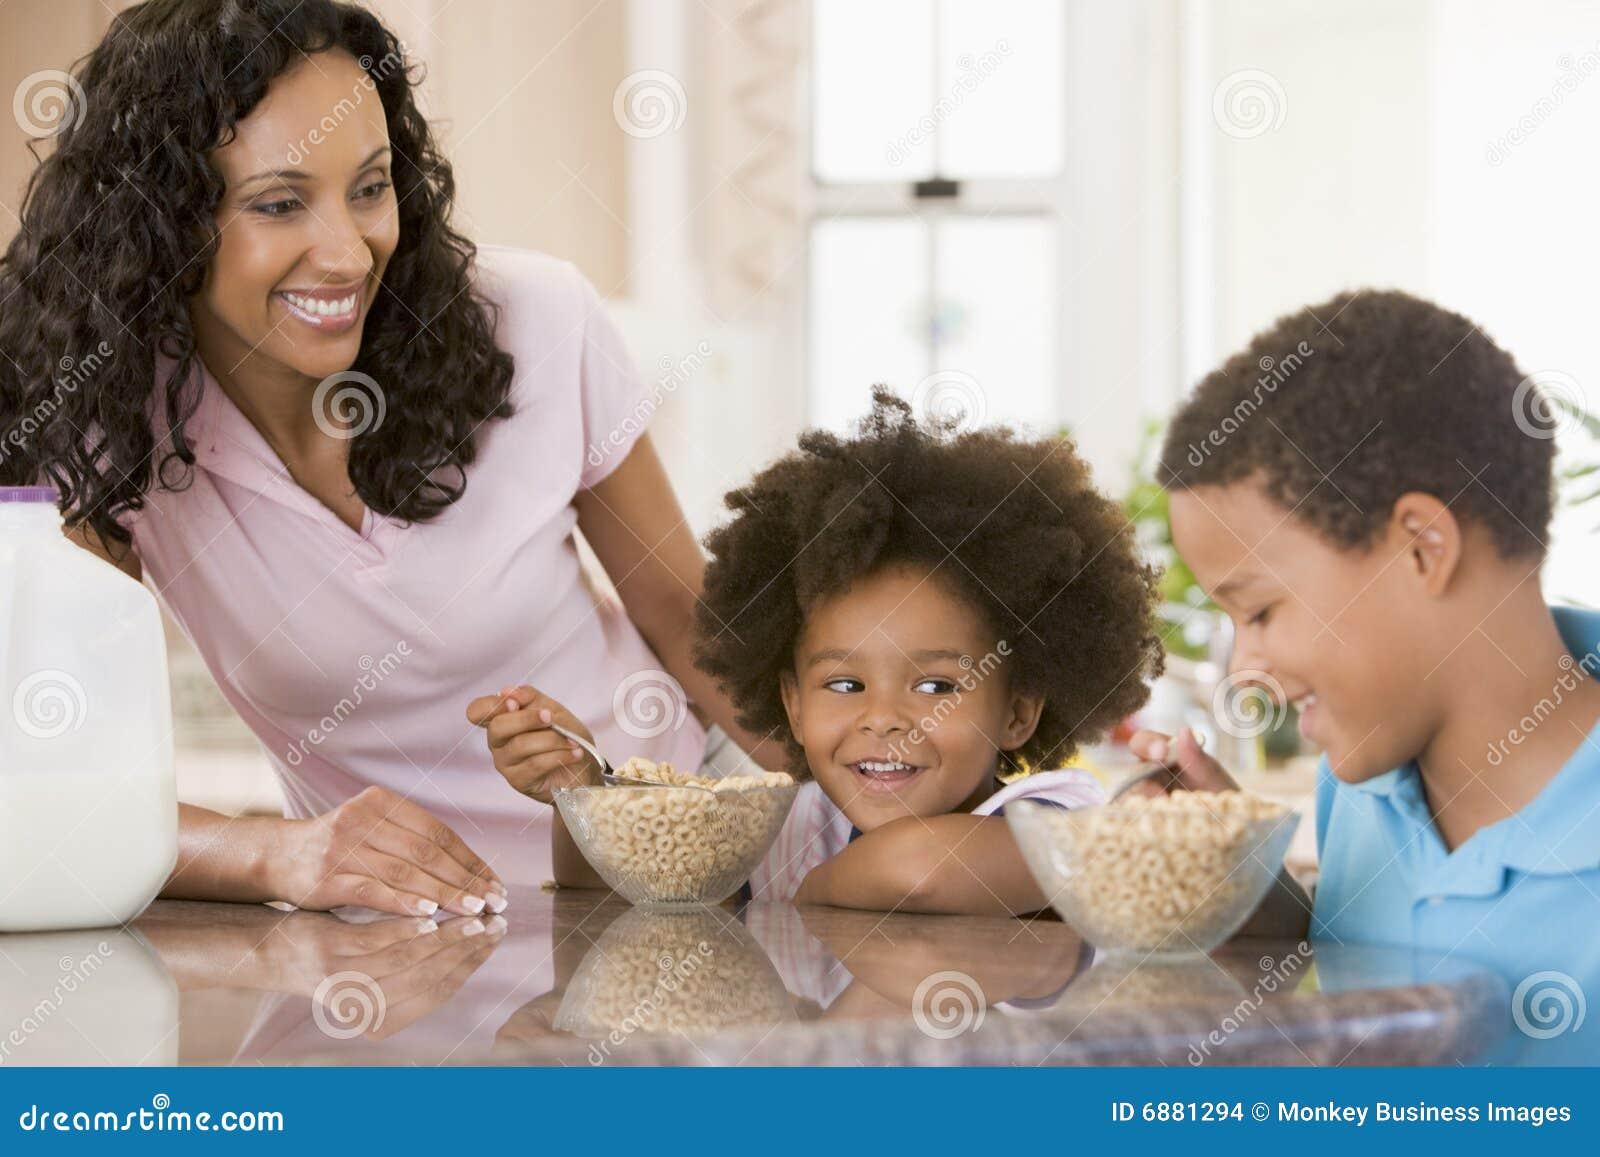 Download Children Eating Breakfast stock photo. Image of indoors - 6881294